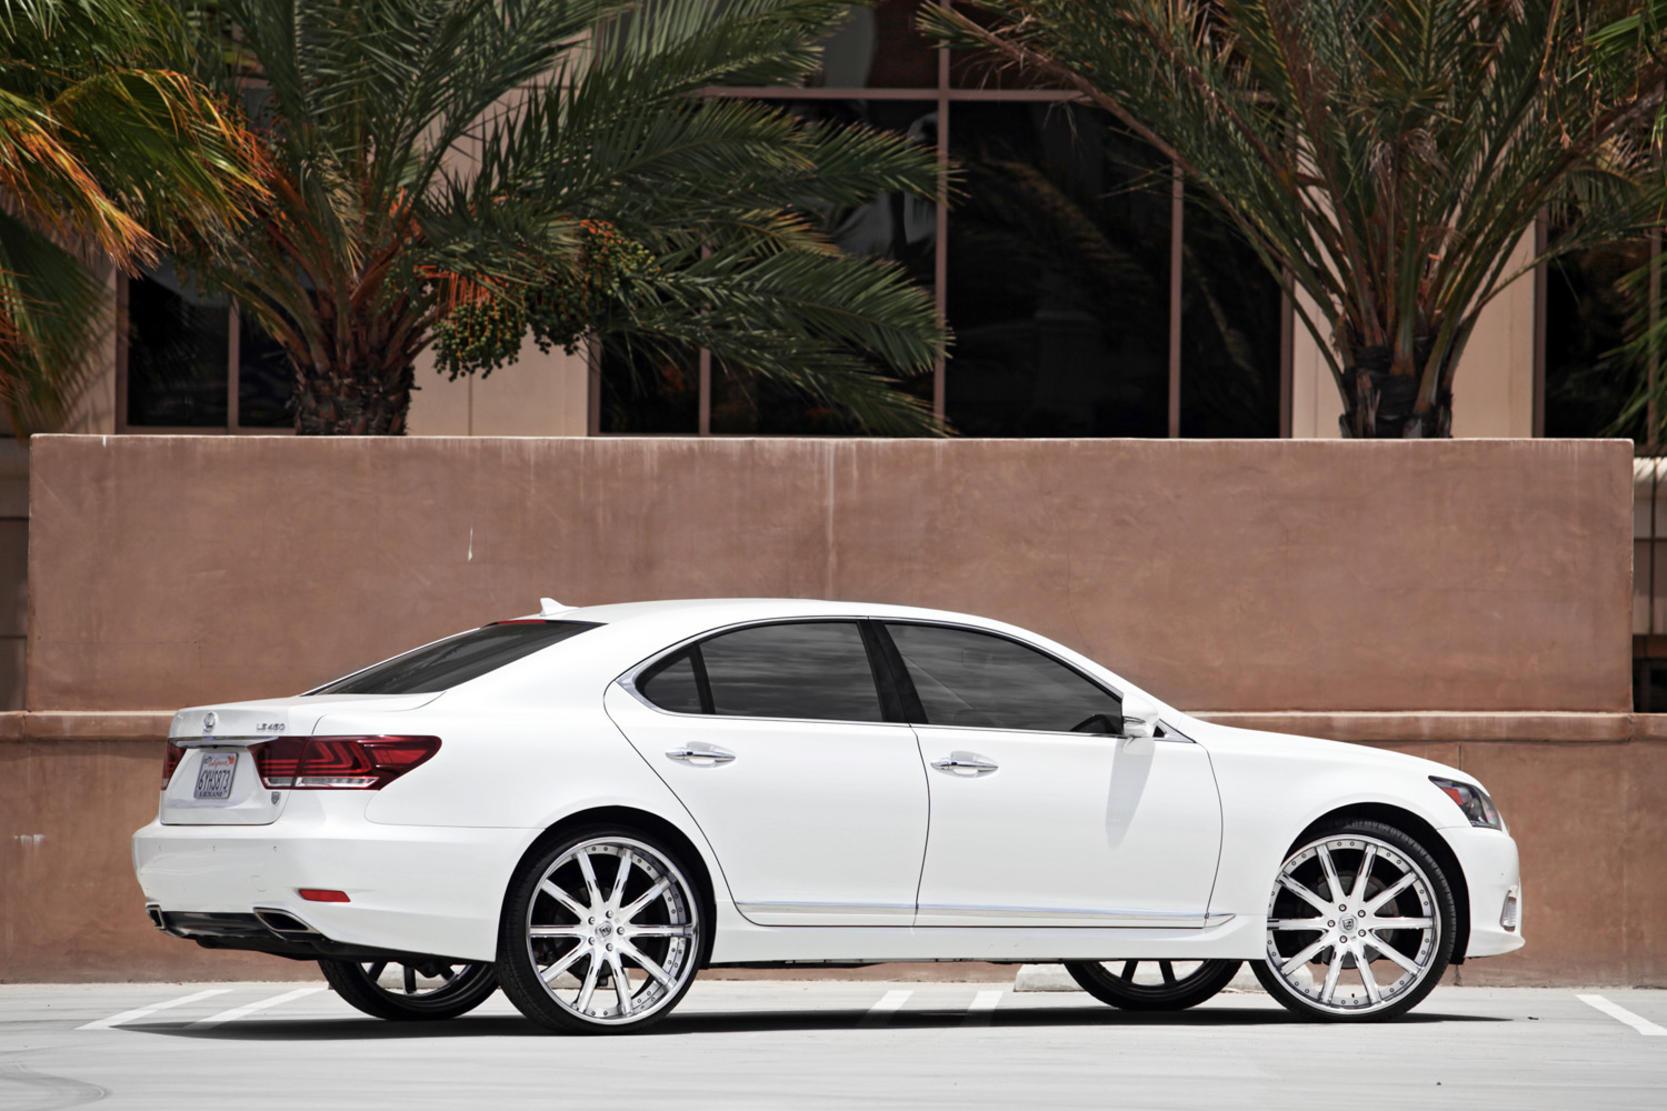 http://lexani.com/media/images/rendered/2013_Lexus_LS%20460_300_v4.jpg